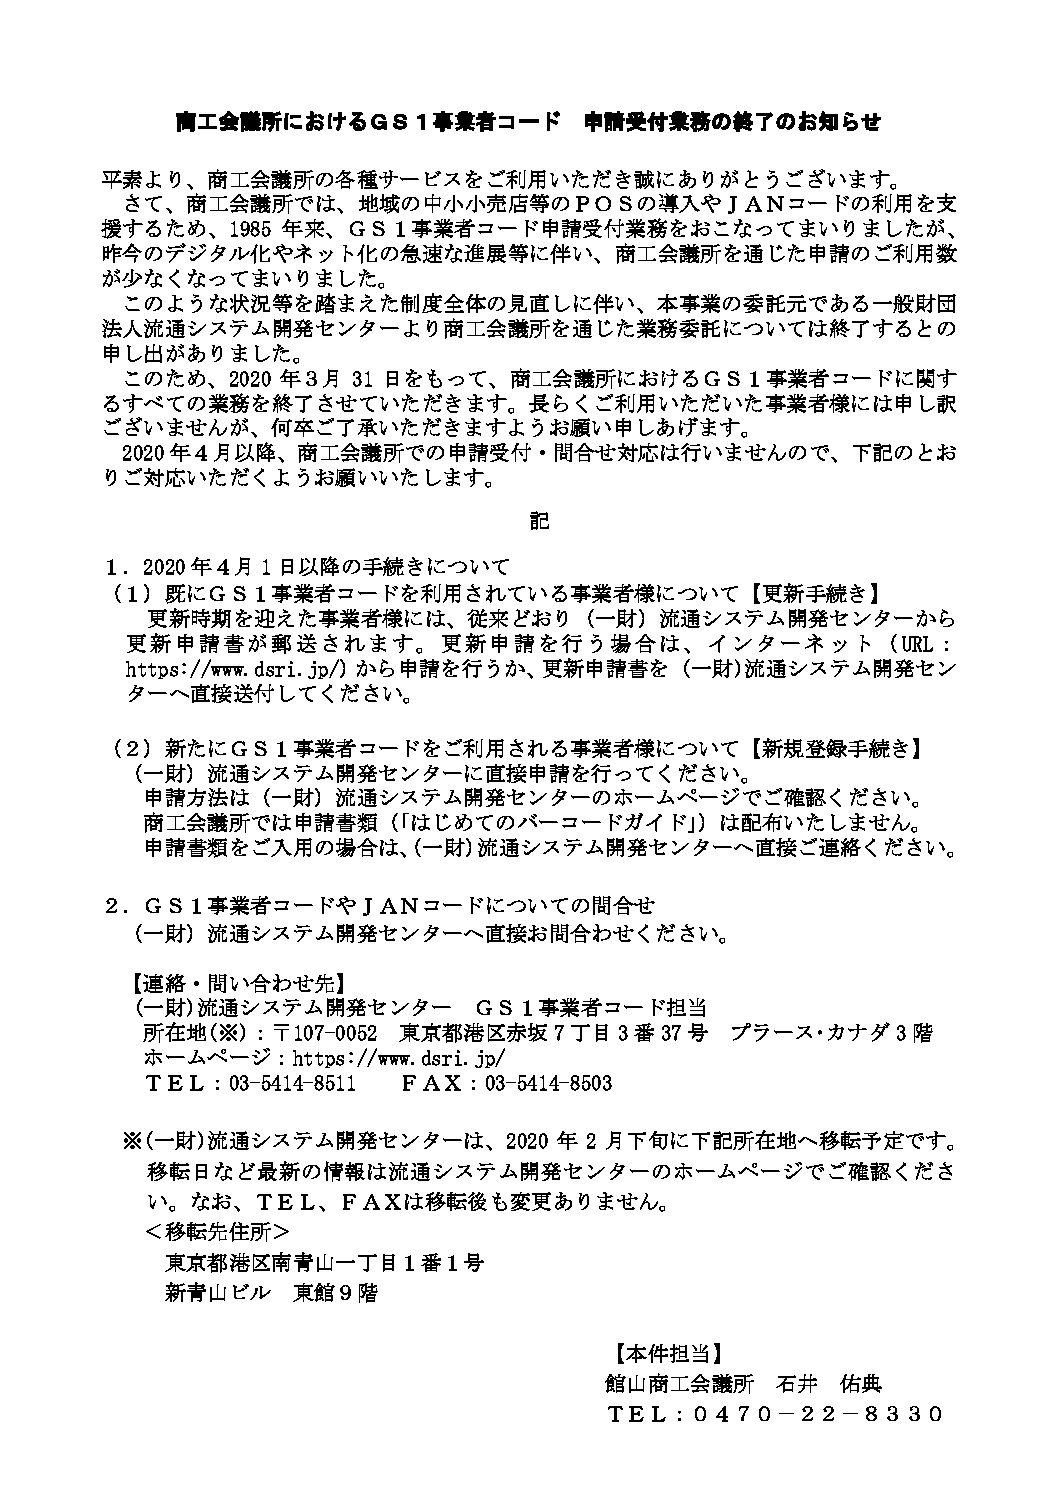 商工会議所におけるGS1事業者コード 申請受付業務の終了のお知らせ